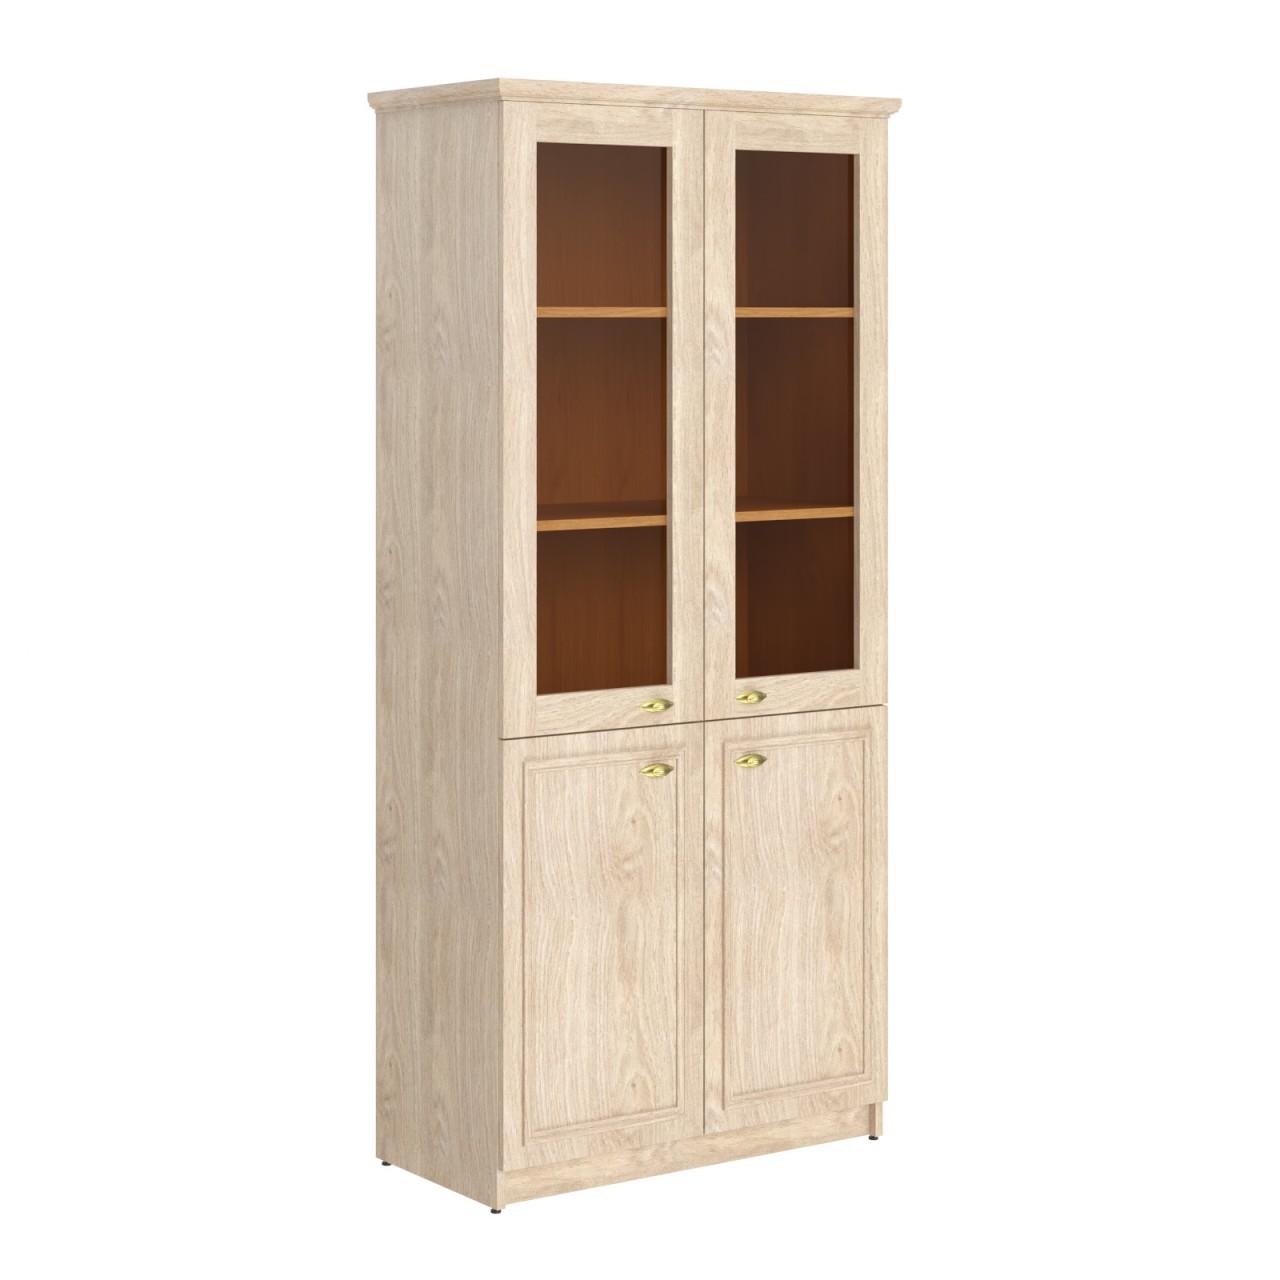 Шкаф rhc 180.2 купить в новосибирске! мебель по выгодным цен.